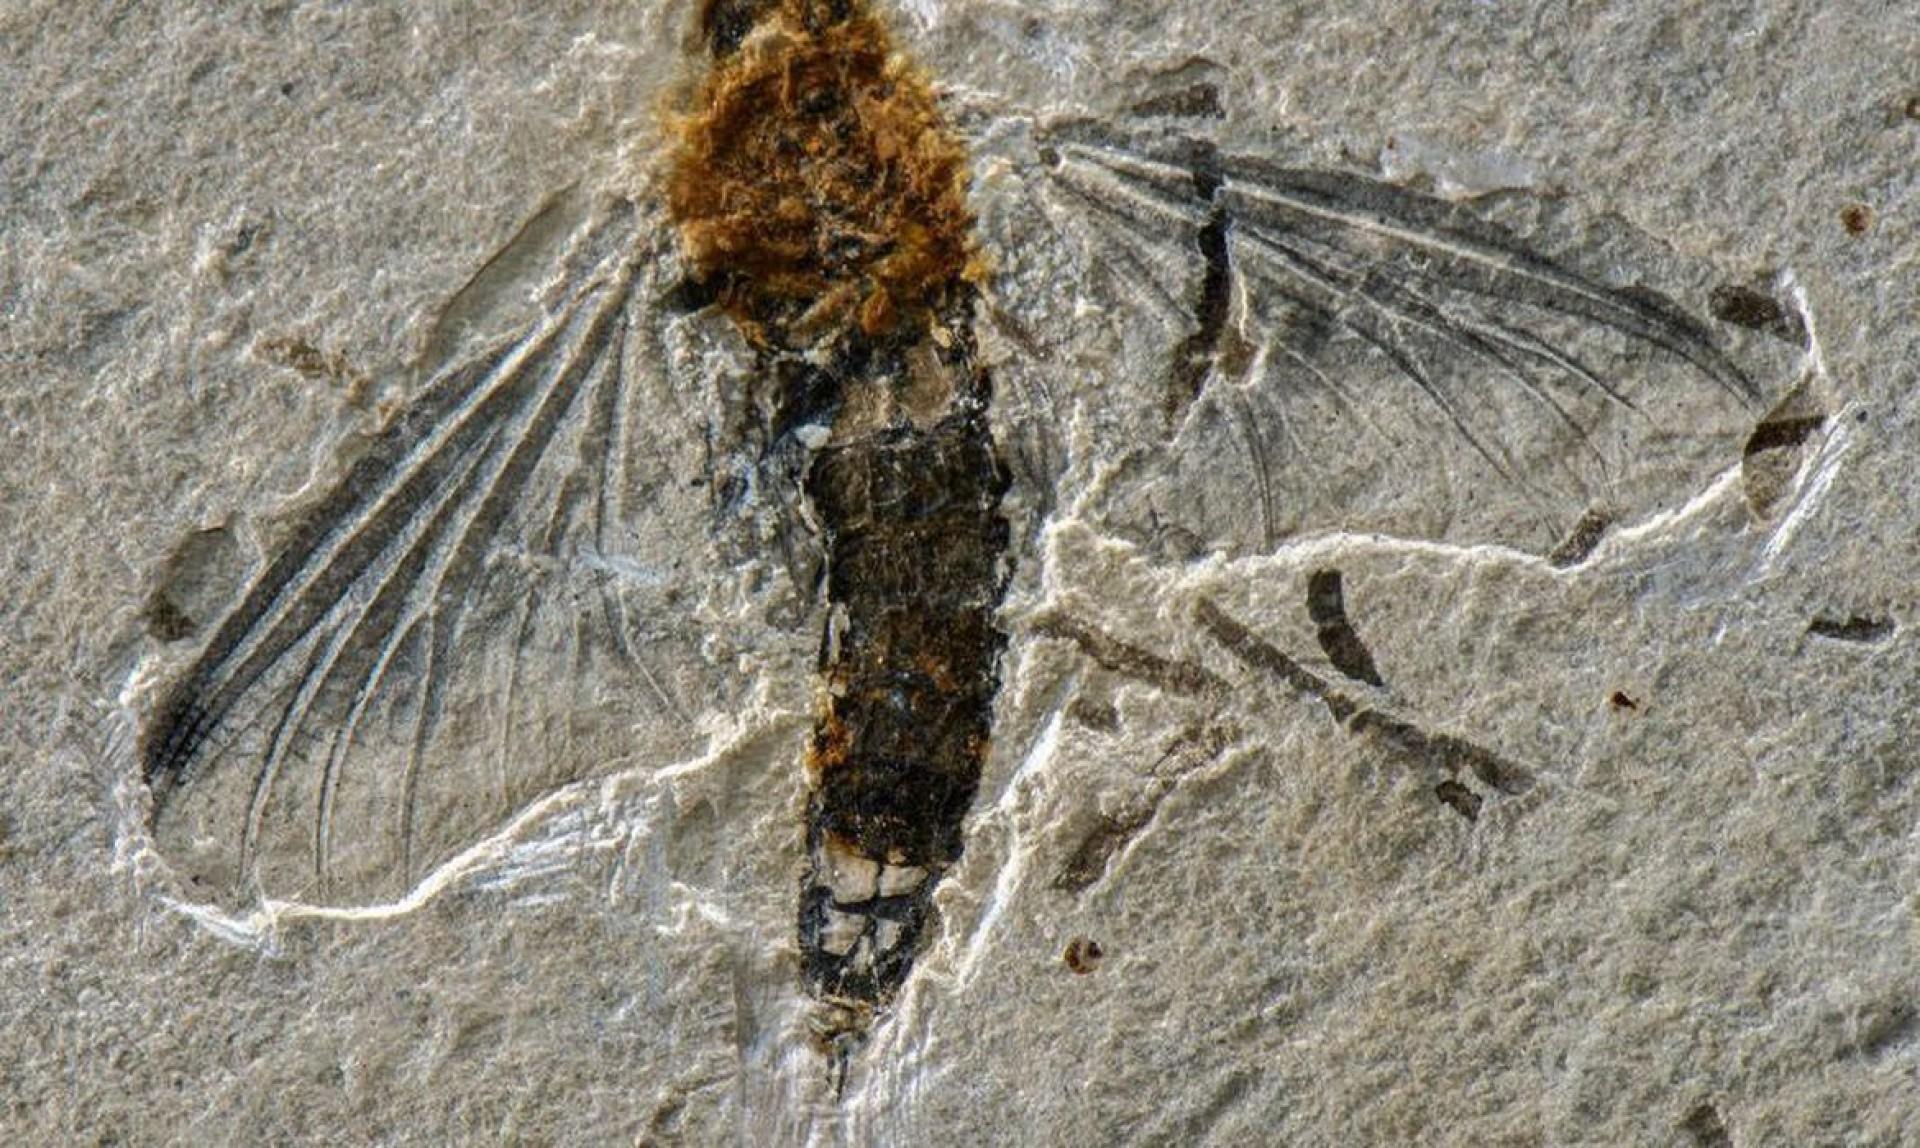 Incogemina nubila: com o fóssil raro, descreveram a primeira mortandade seletiva de insetos aquáticos.